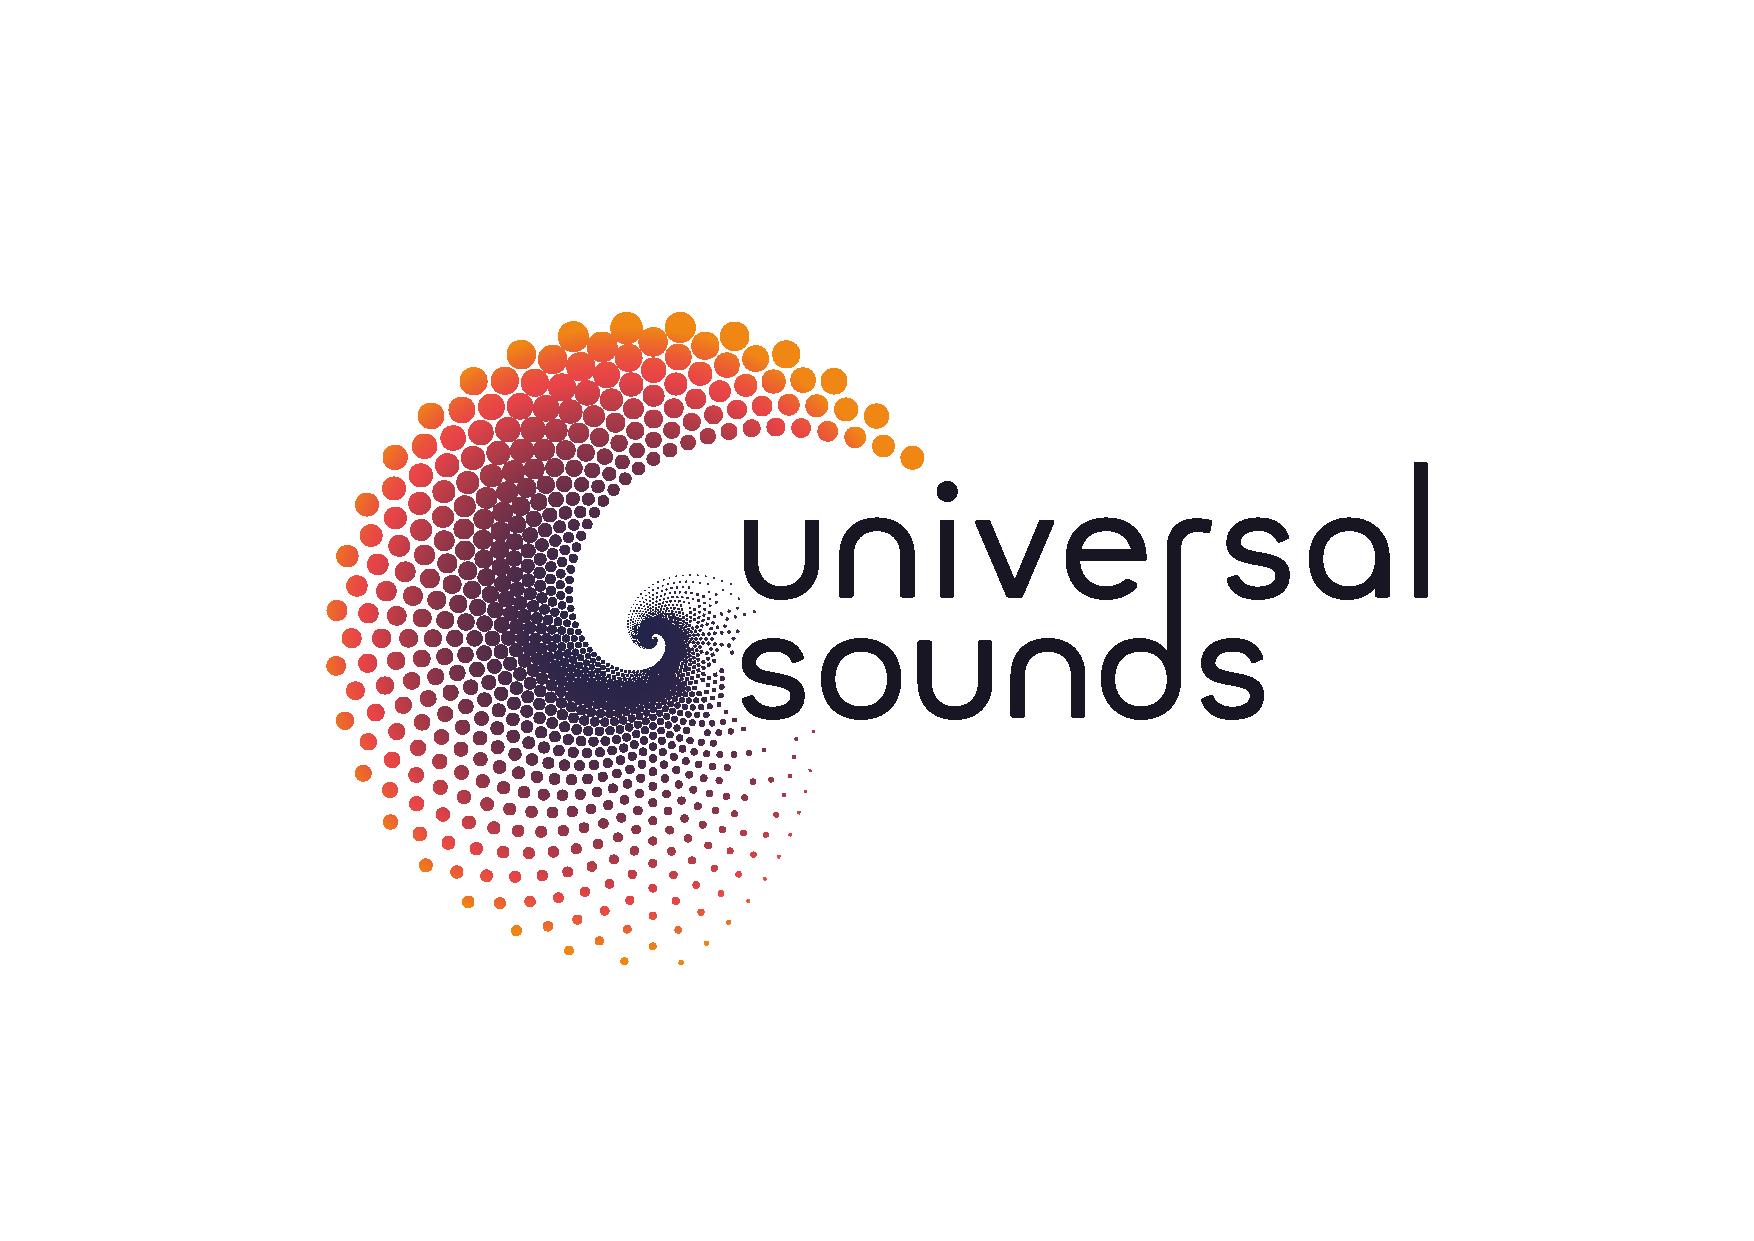 UniversalSounds_DRUCK_RGB_150dpi_Farbig Schrift Blaupng